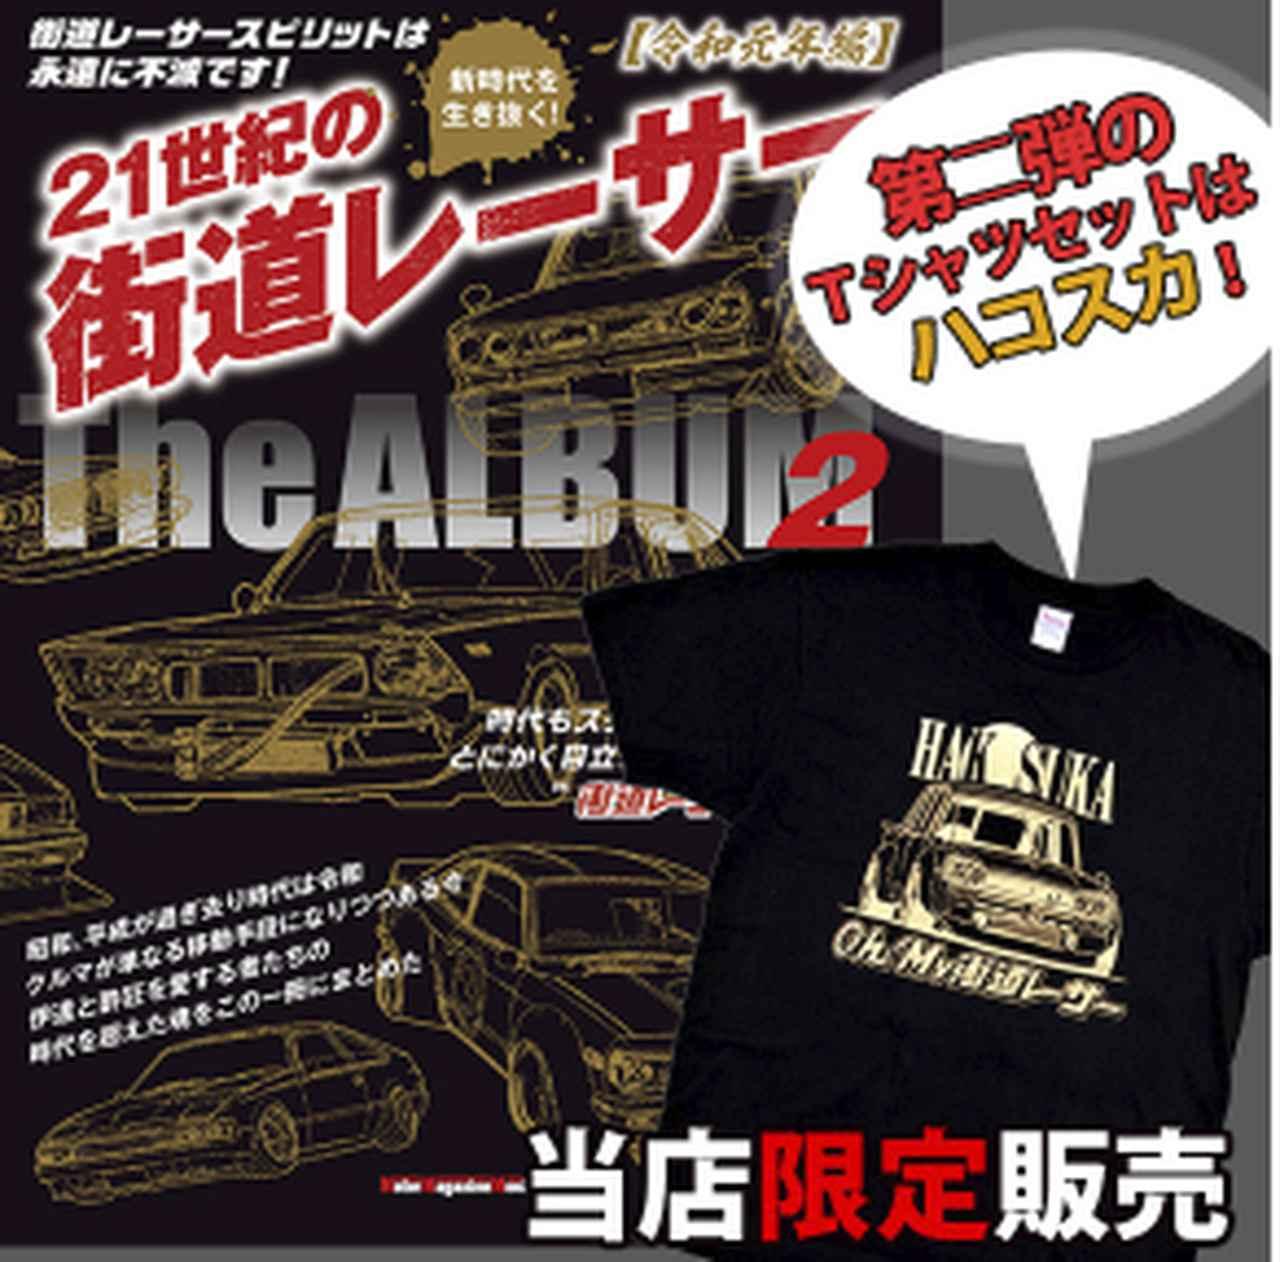 画像: モーターマガジン社 Webショップ「MM Style」ではハコスカTシャツとの特別セットも販売中です。